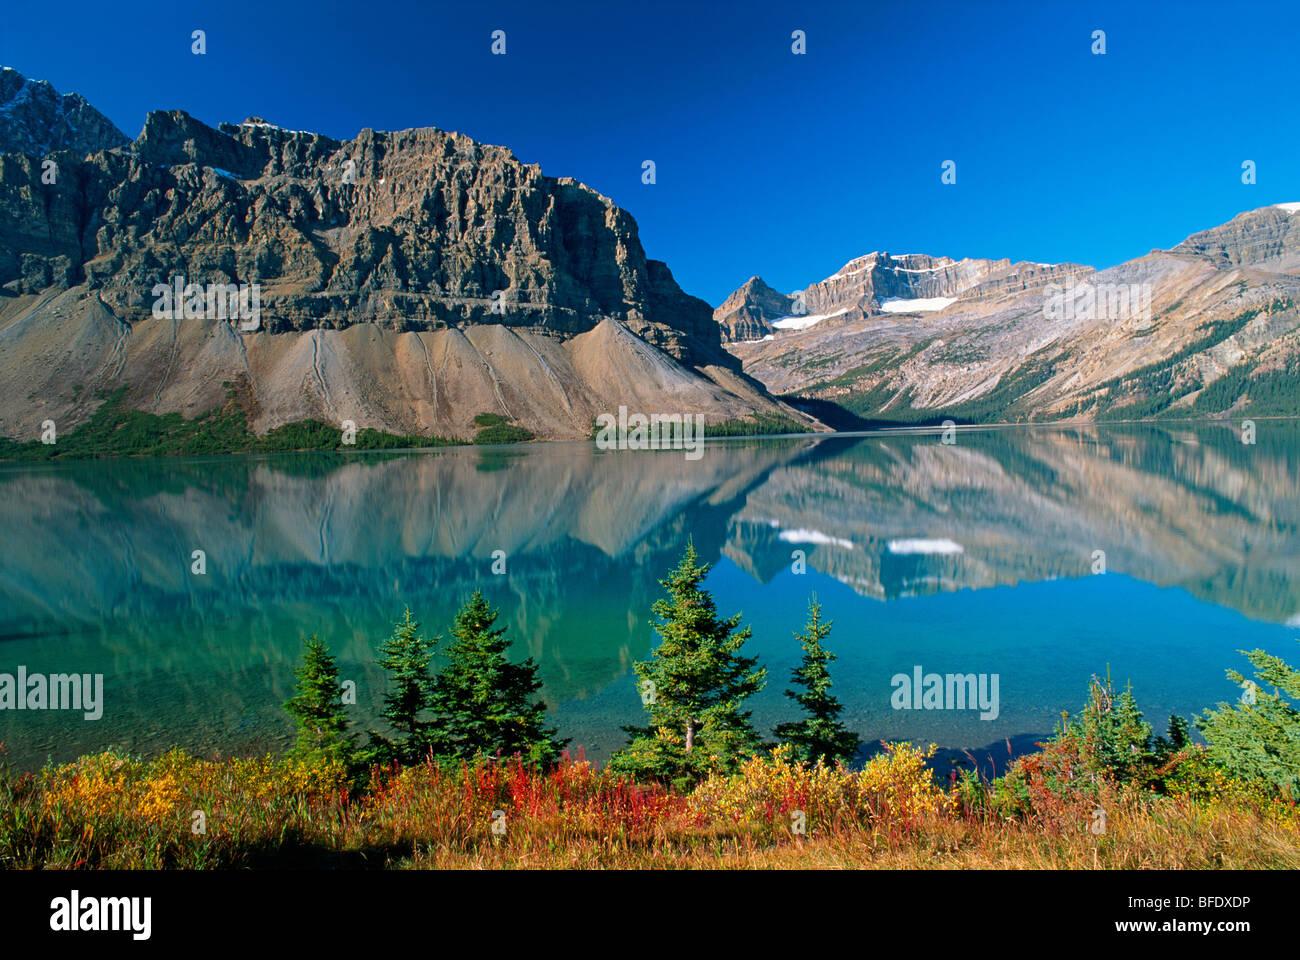 Couleurs d'automne sur le lac Bow avec Crowfoot Mountain, Banff National Park, Alberta, Canada Banque D'Images